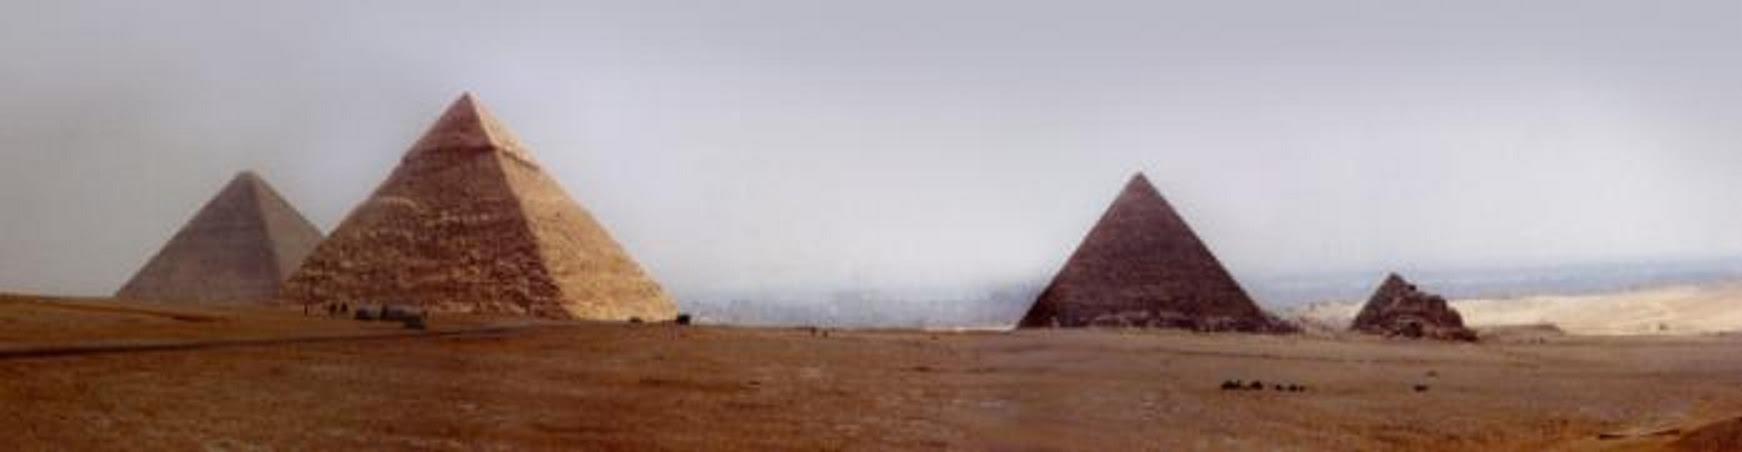 Οἱ πυραμίδες τοῦ πλανήτου μας.5